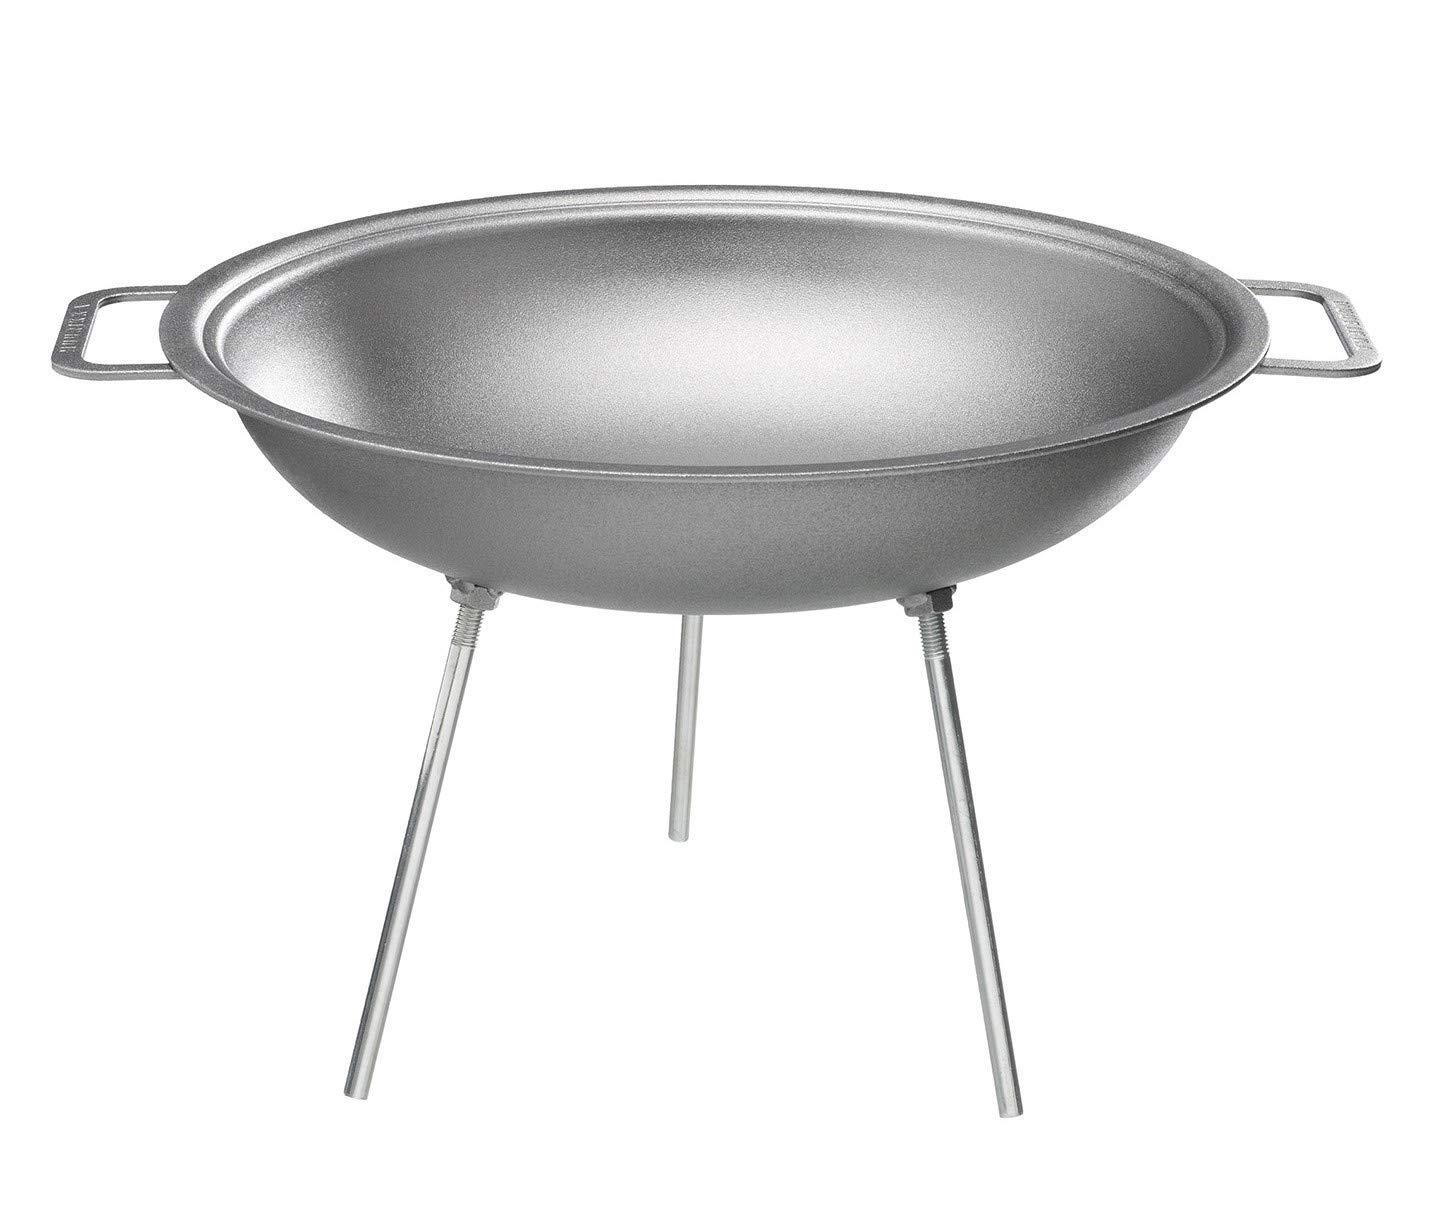 Muurikka 01040195 Wokpfanne mit Beinen, 43 cm, Stahl, Grau